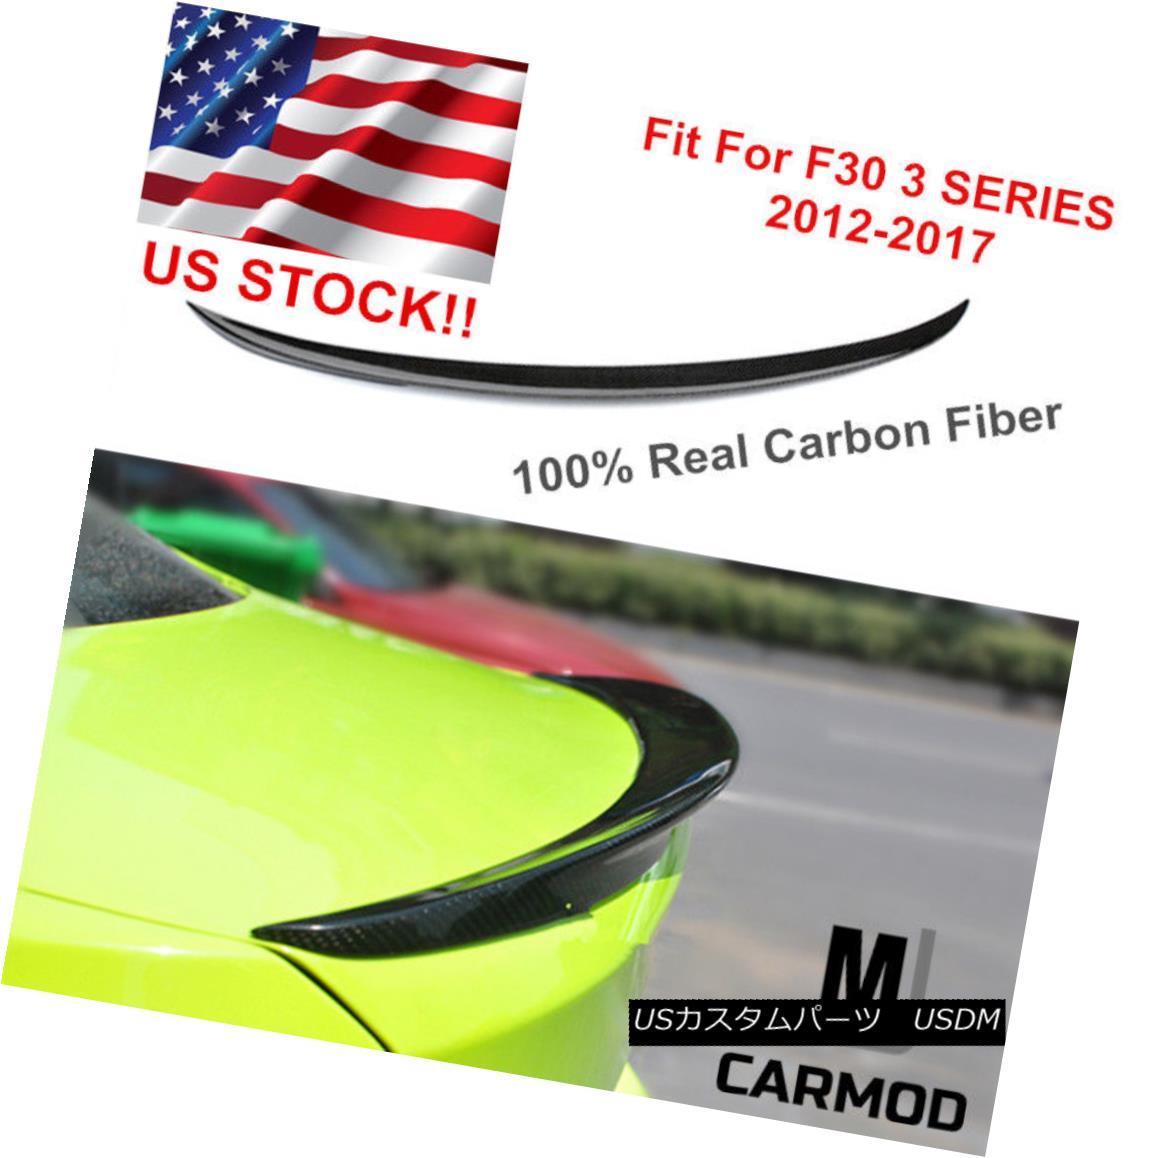 エアロパーツ Carbon Fiber Trunk Lip Wing Spoiler Fit For F30 3-Series 335i 330 & F80 M3 Sedan カーボンファイバートランクリップウイングスポイラーフィットF30 3シリーズ335i 330& F80 M3セダン